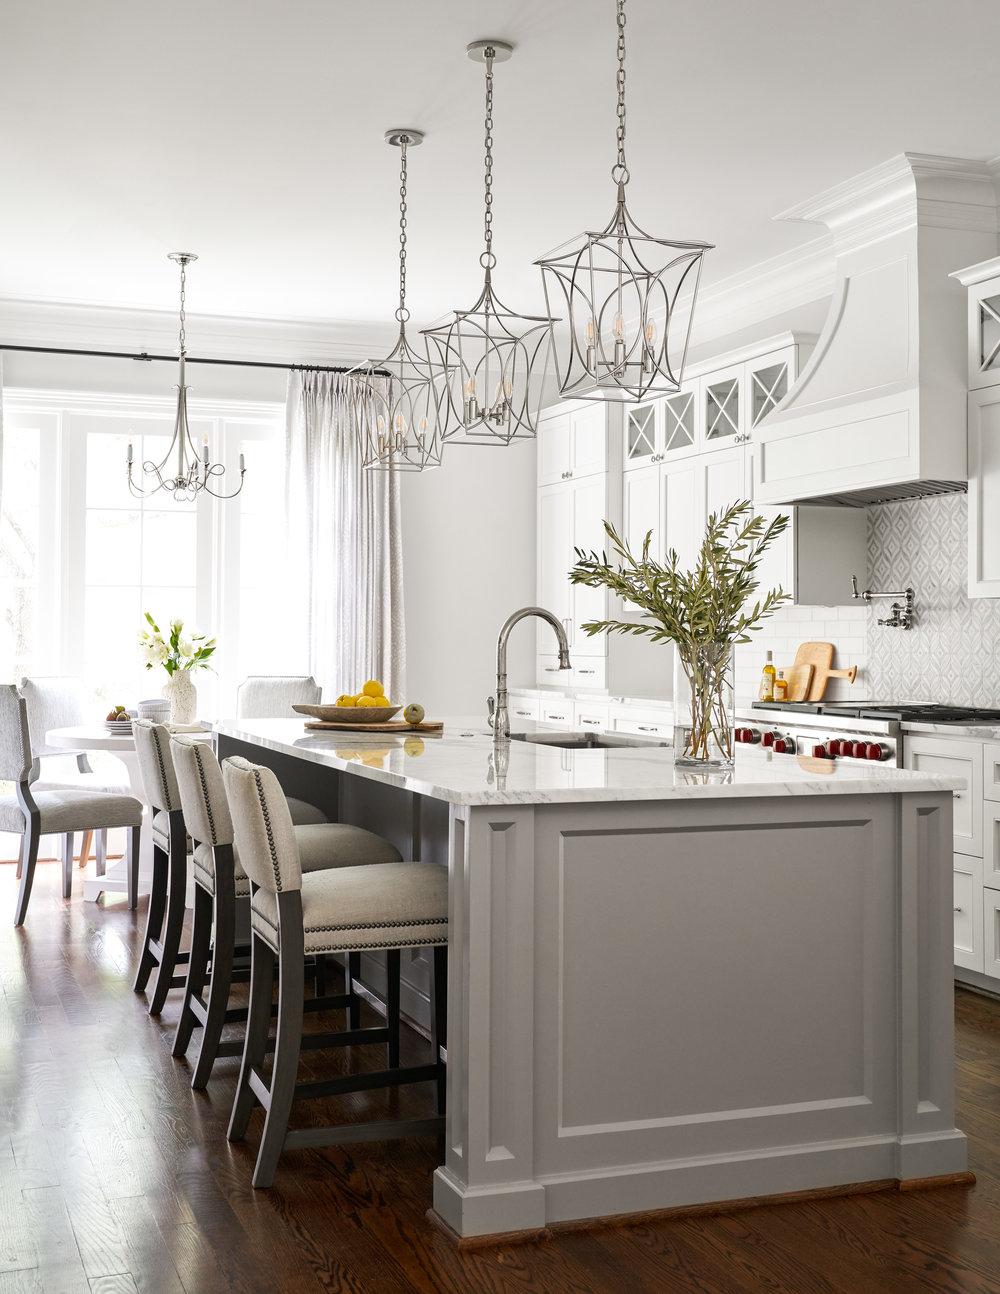 Kitchen design by Beth Lindsey Interior Design.